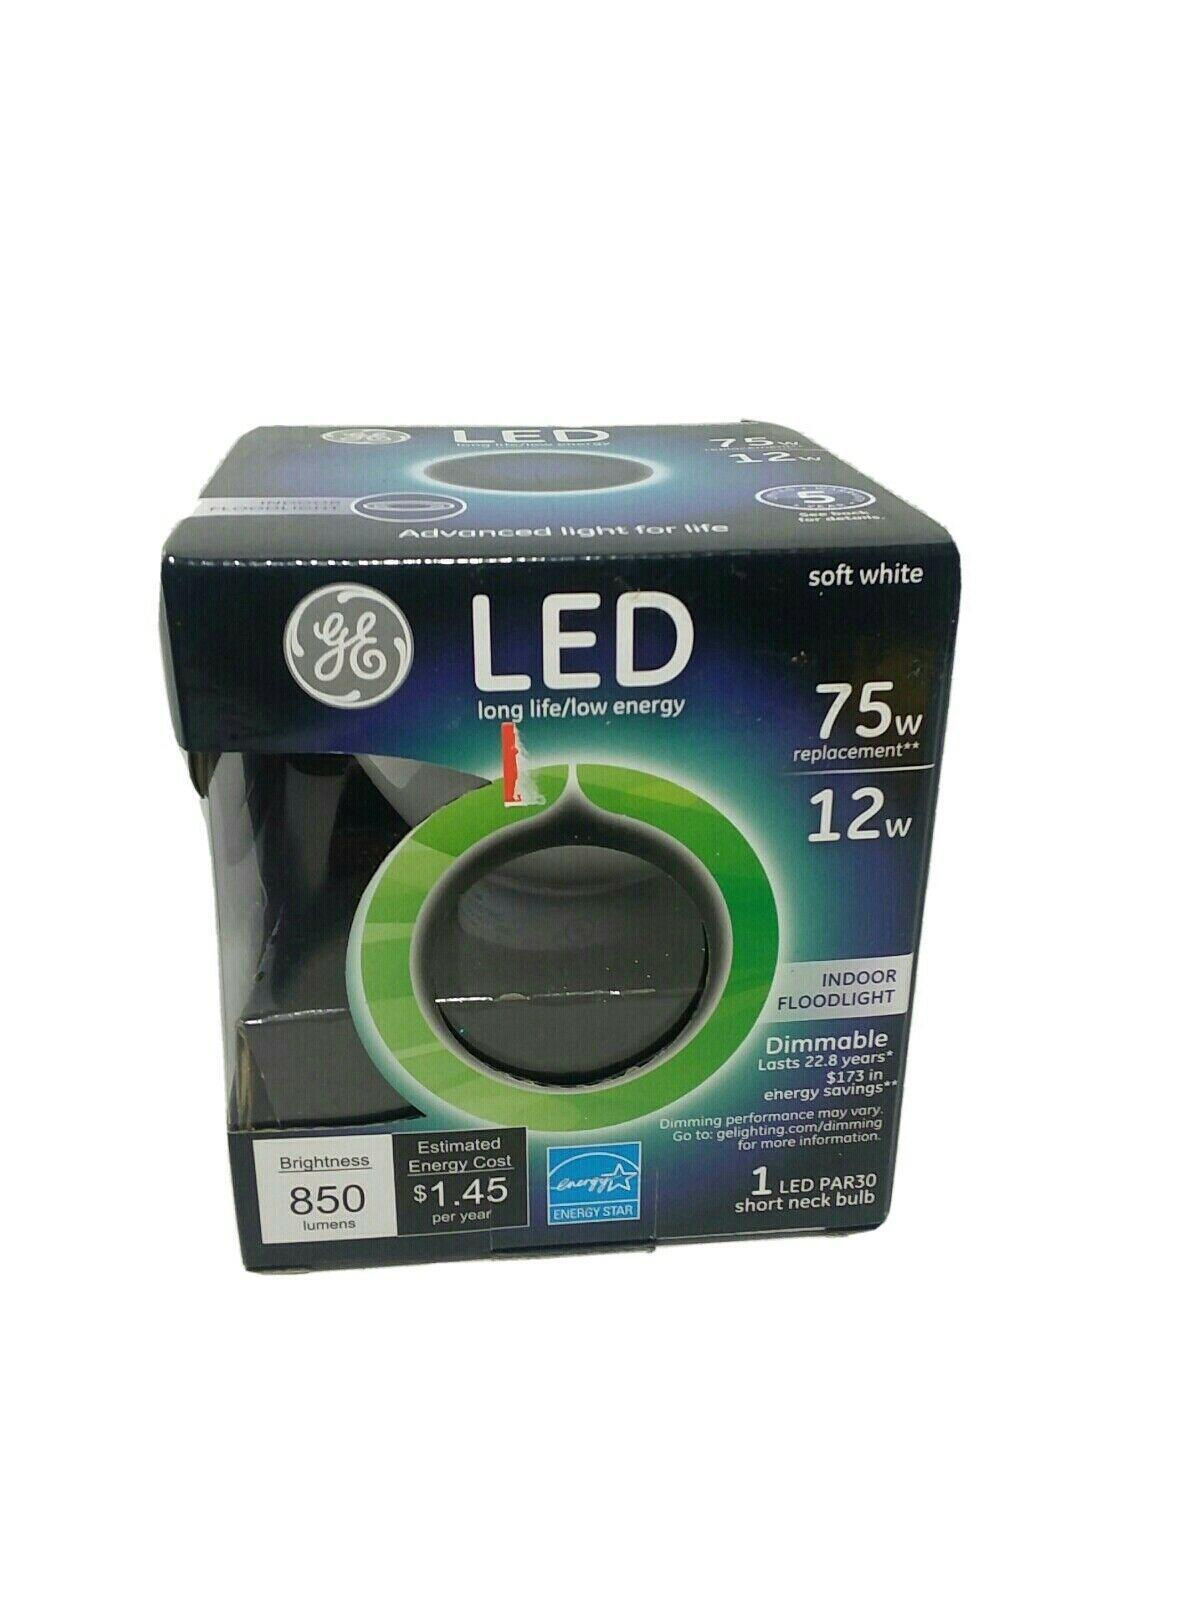 GE Lighting 96847 12 Watt Soft White Dimmable Indoor Floodlight LED Bulb - $9.70